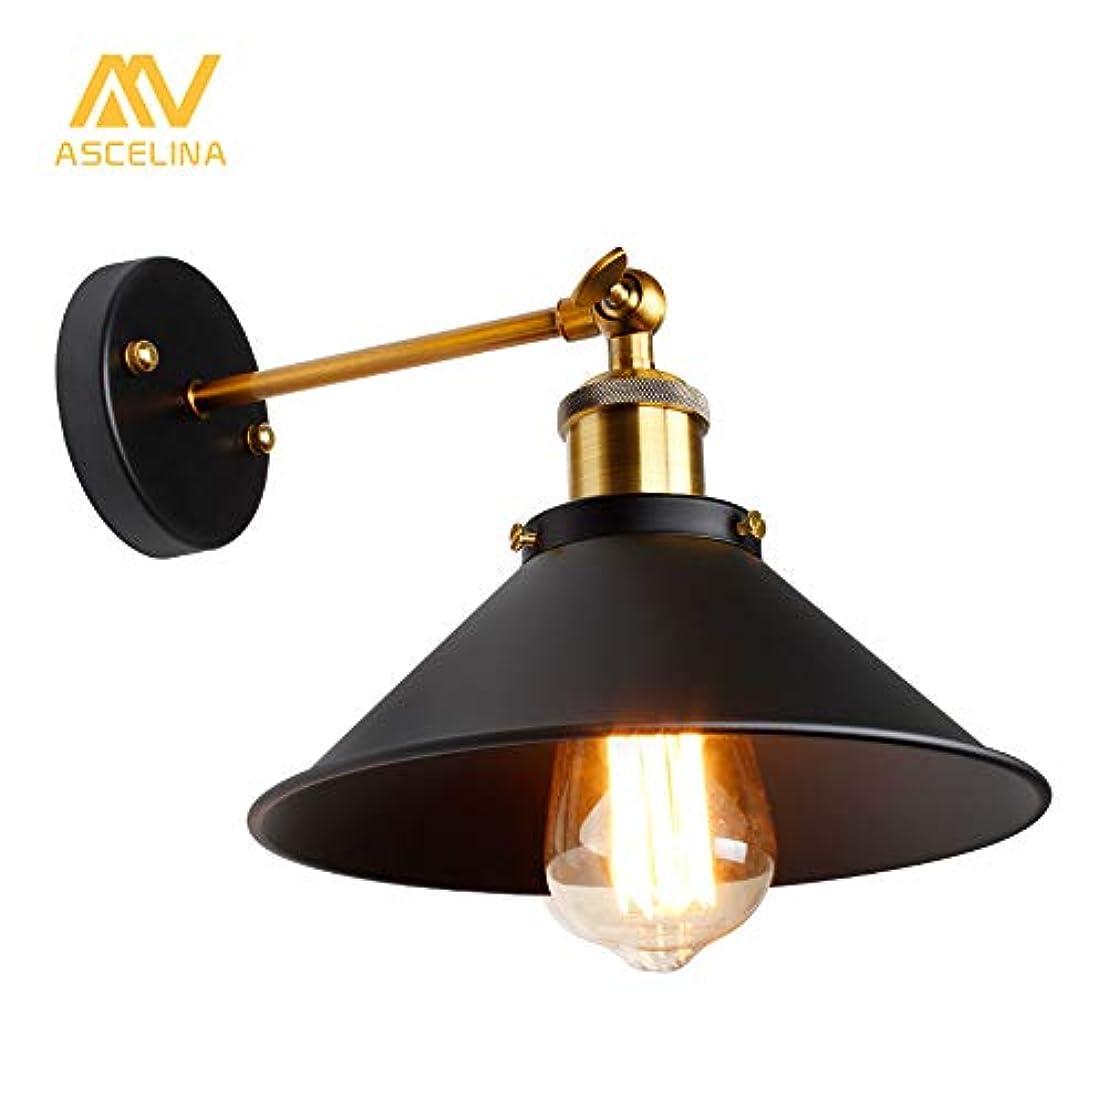 シール公演大使ブラケットライト, E26/LED 240°調整可能 ウォールライト 門灯 庭 壁掛け照明 玄関 アンティーク調 工業北欧風 照明器具